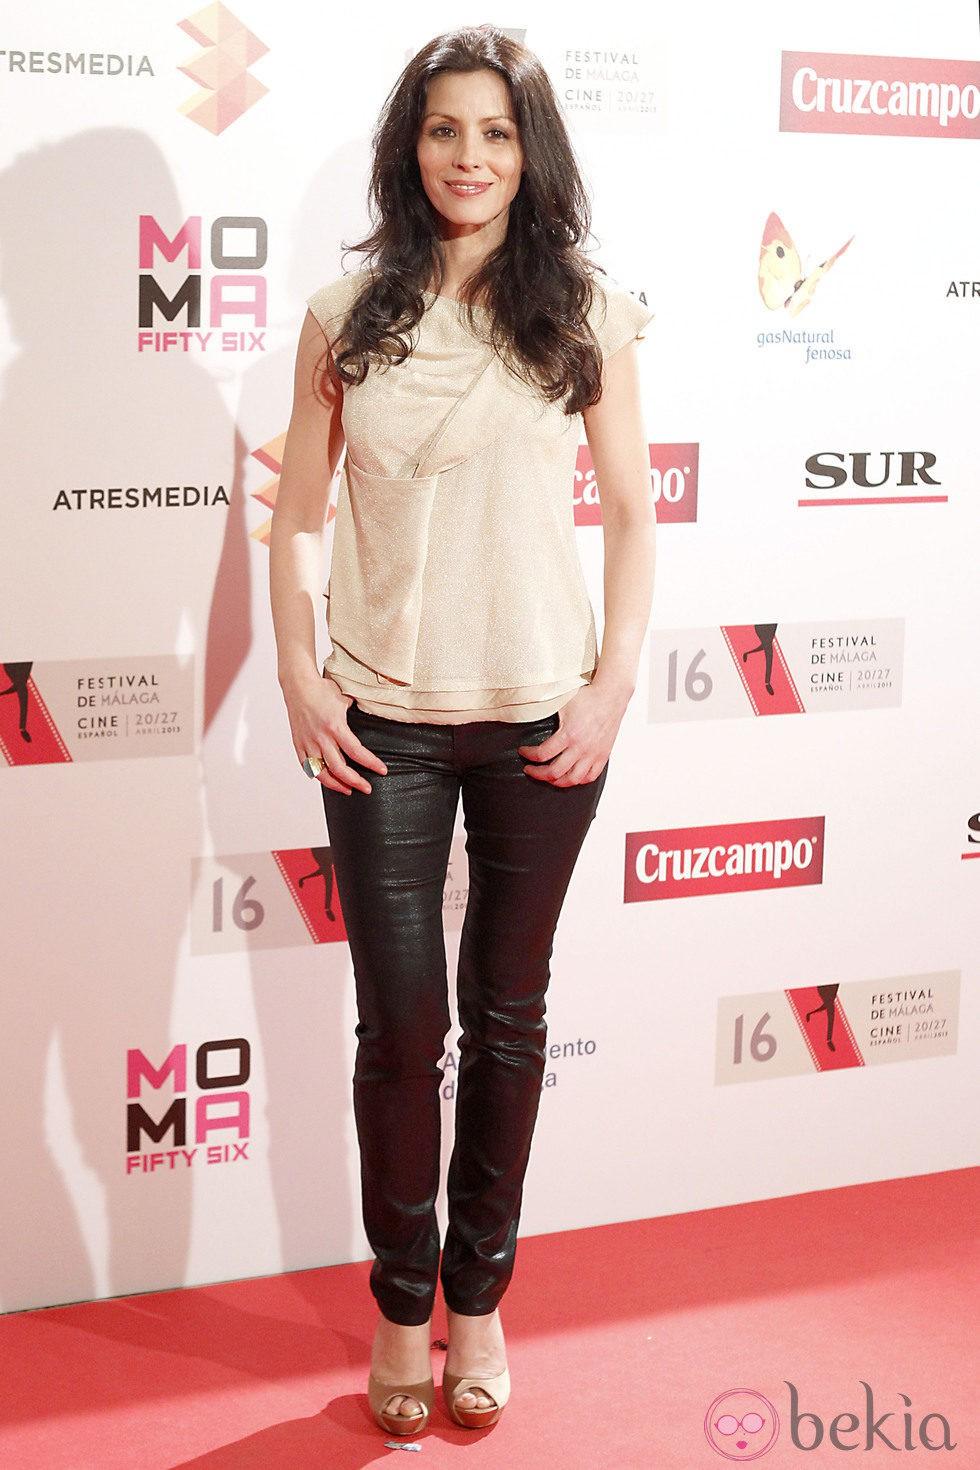 Ana Álvarez en la presentación del Festival de Málaga 2013